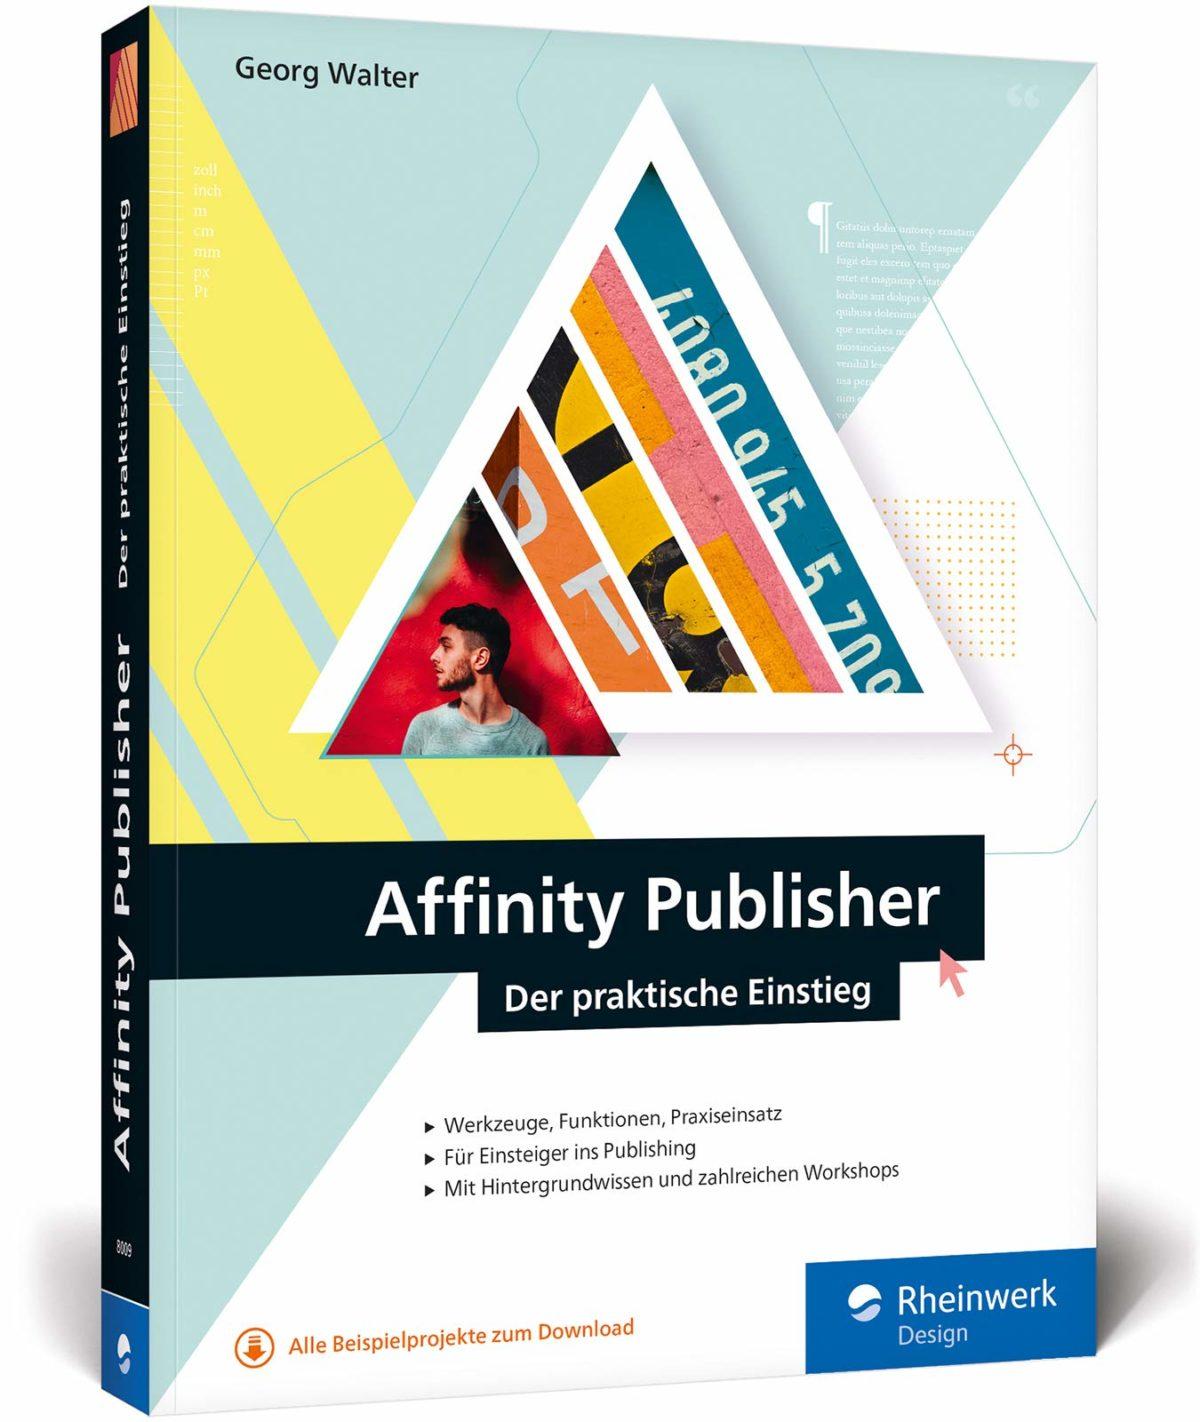 »Affinity Publisher – Der praktische Einstieg« von Georg Walter